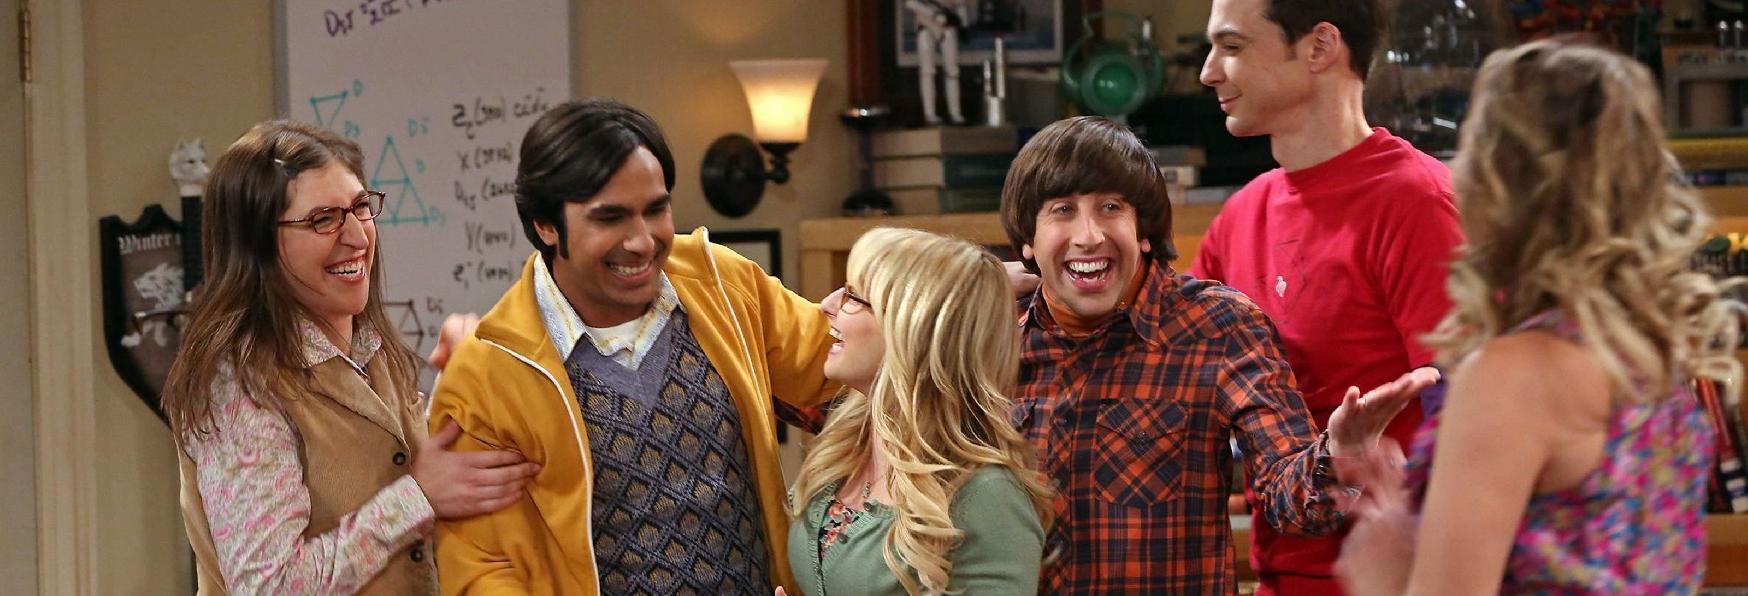 The Big Bang Theory 12x08: The Consummation Deviation